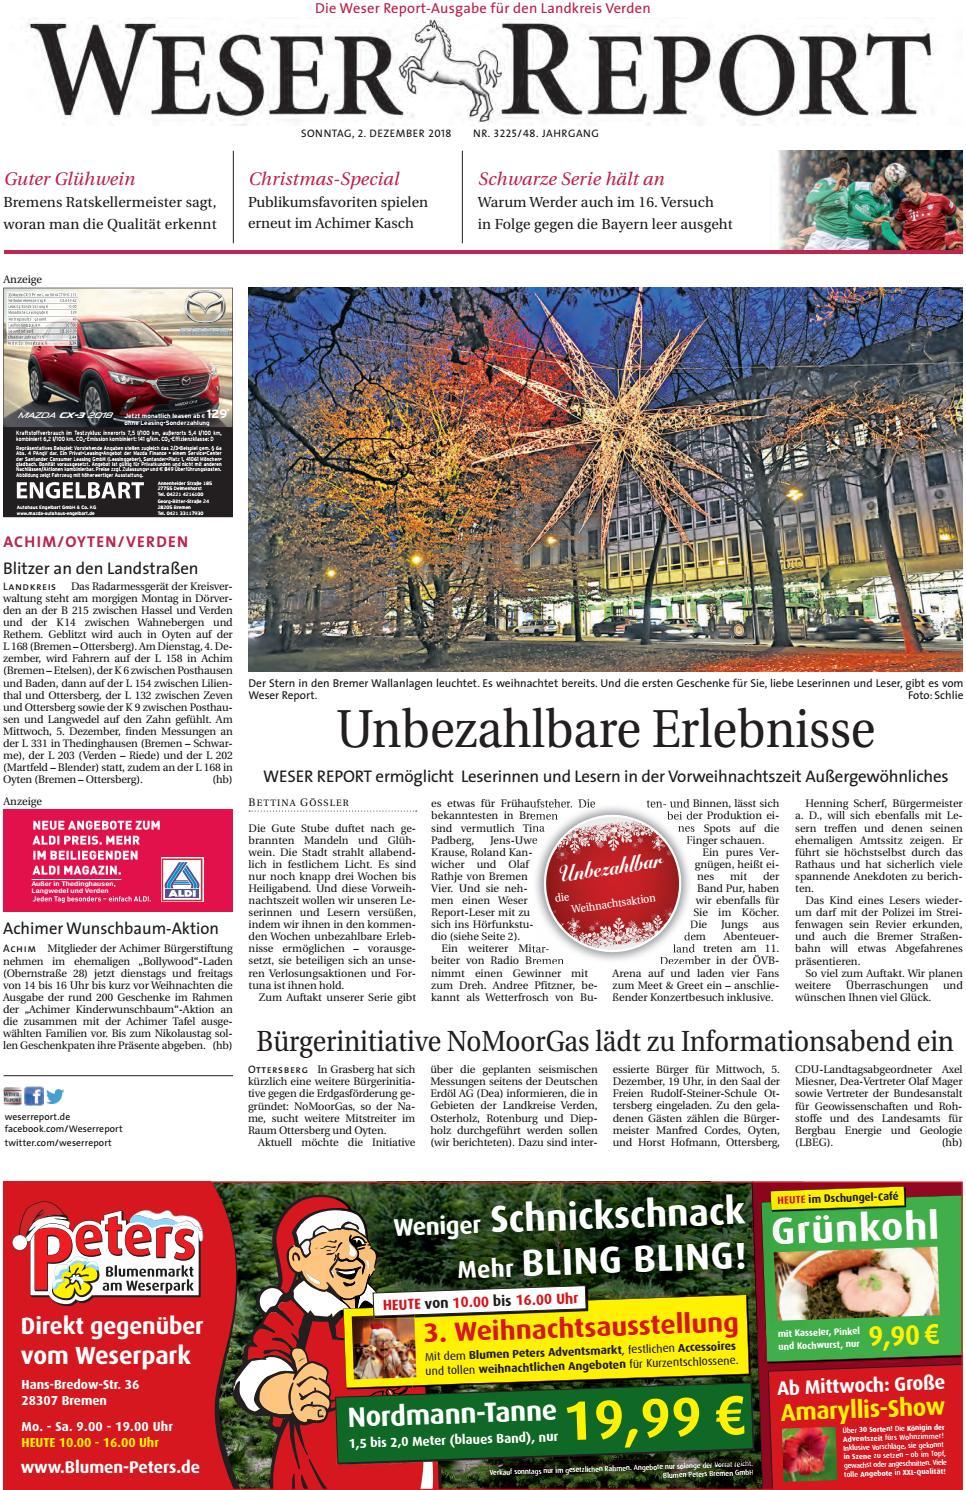 Weser Report - Achim, Oyten, Verden vom 02.12.2018 by KPS ...